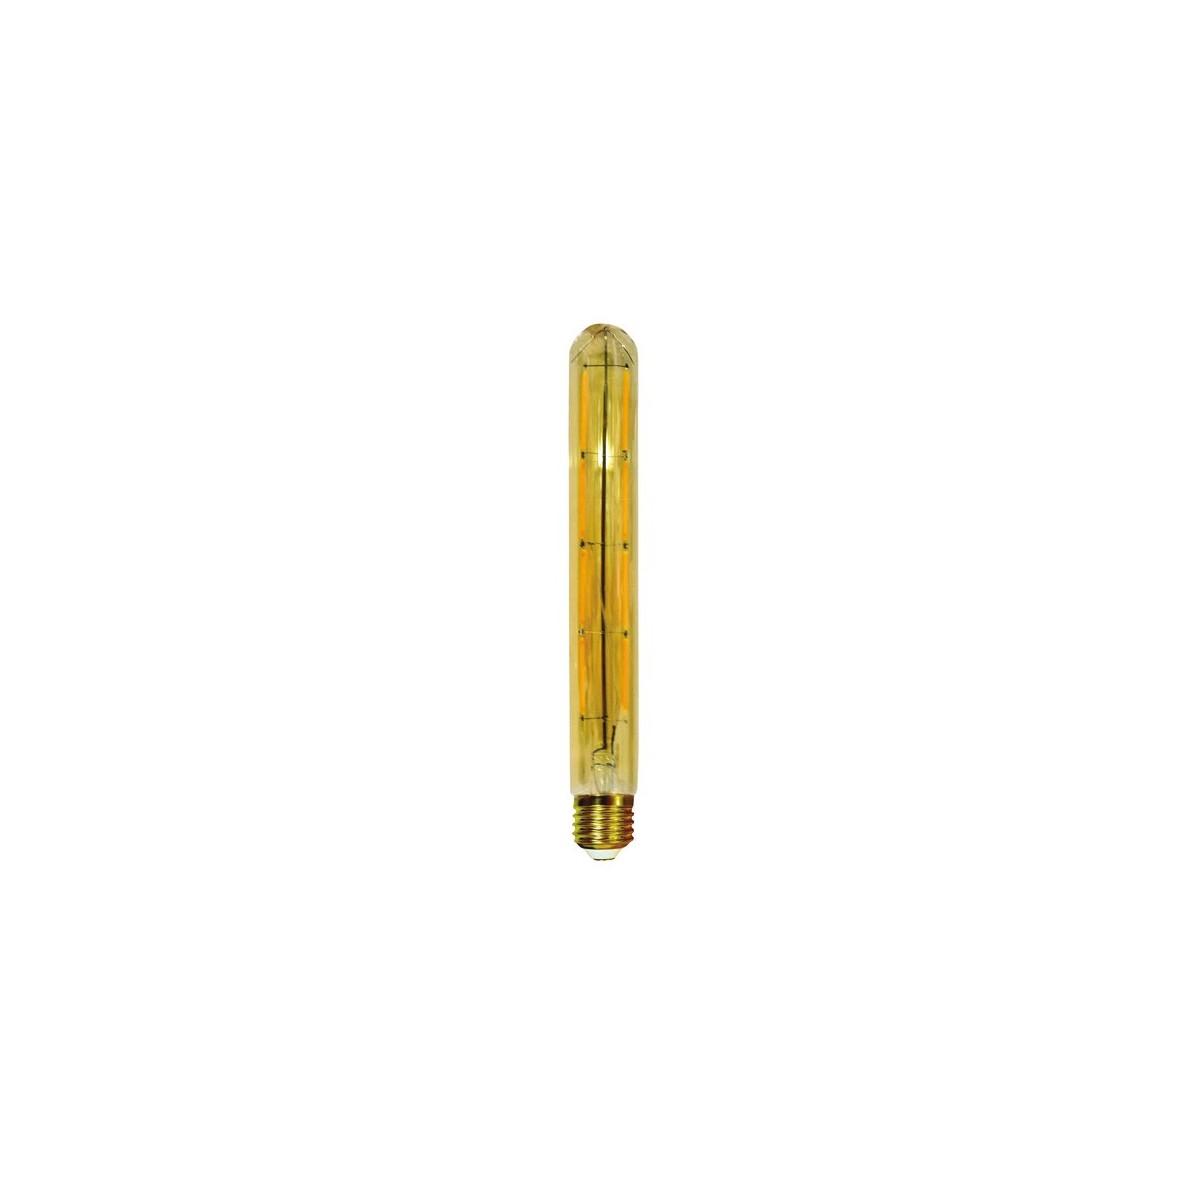 Bombilla Filamento LED T30 E27 6W Caramelo